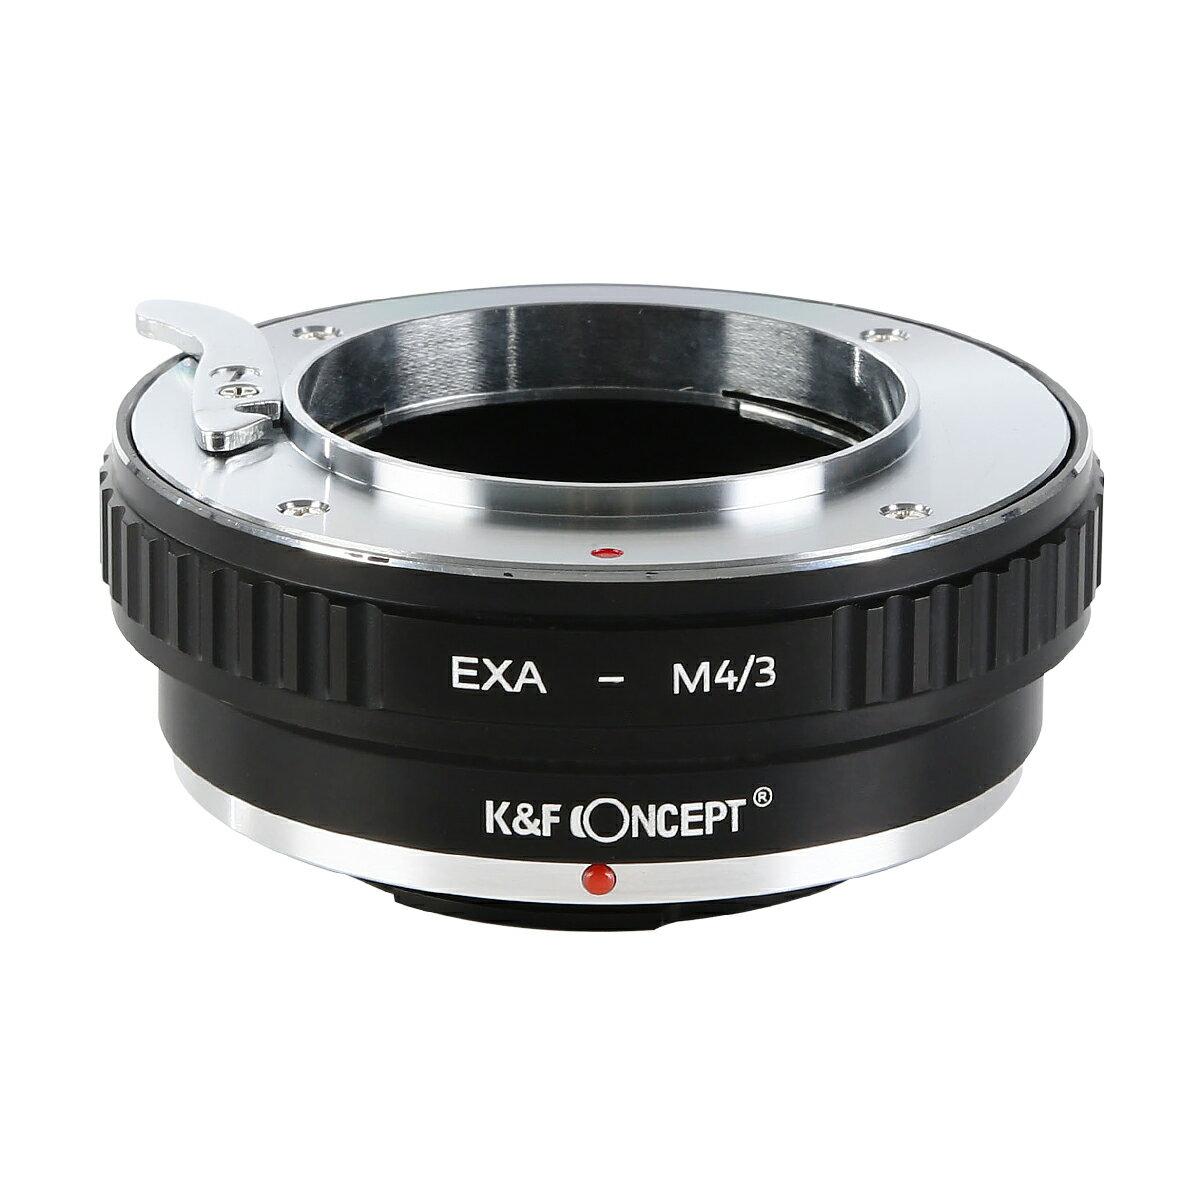 交換レンズ用アクセサリー, マウントアダプター KF Concept KF-EXAM43 (